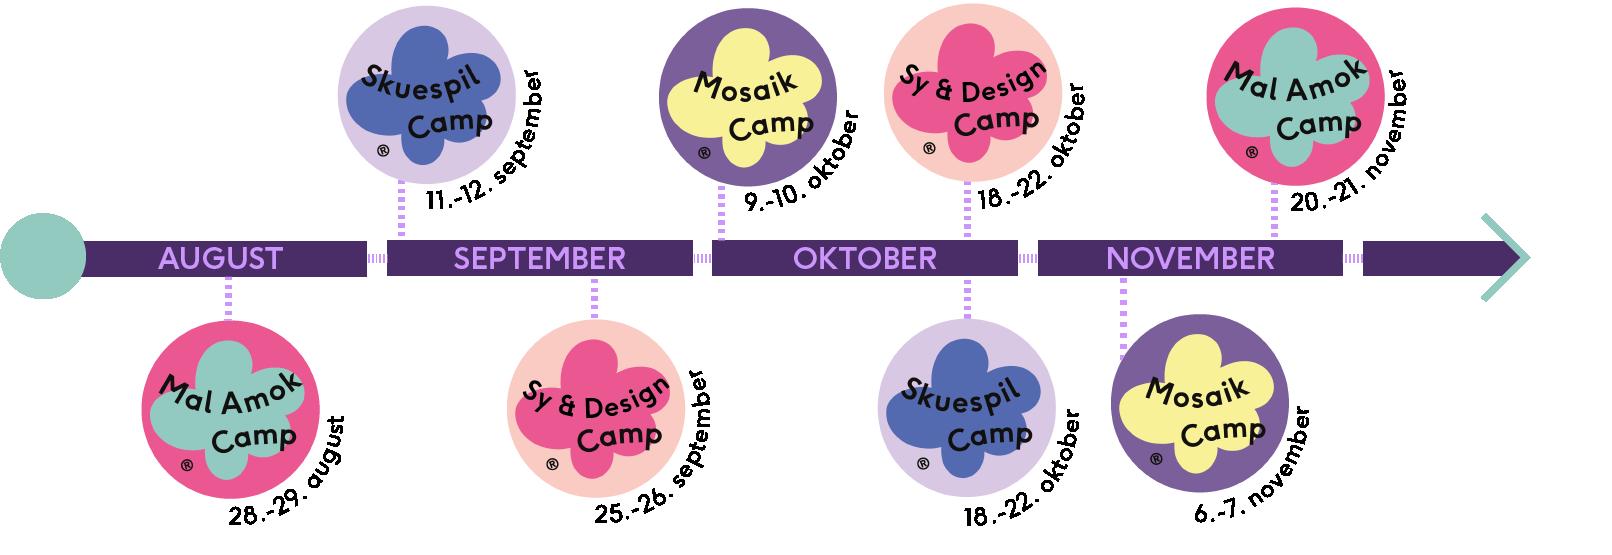 camp_oversigt